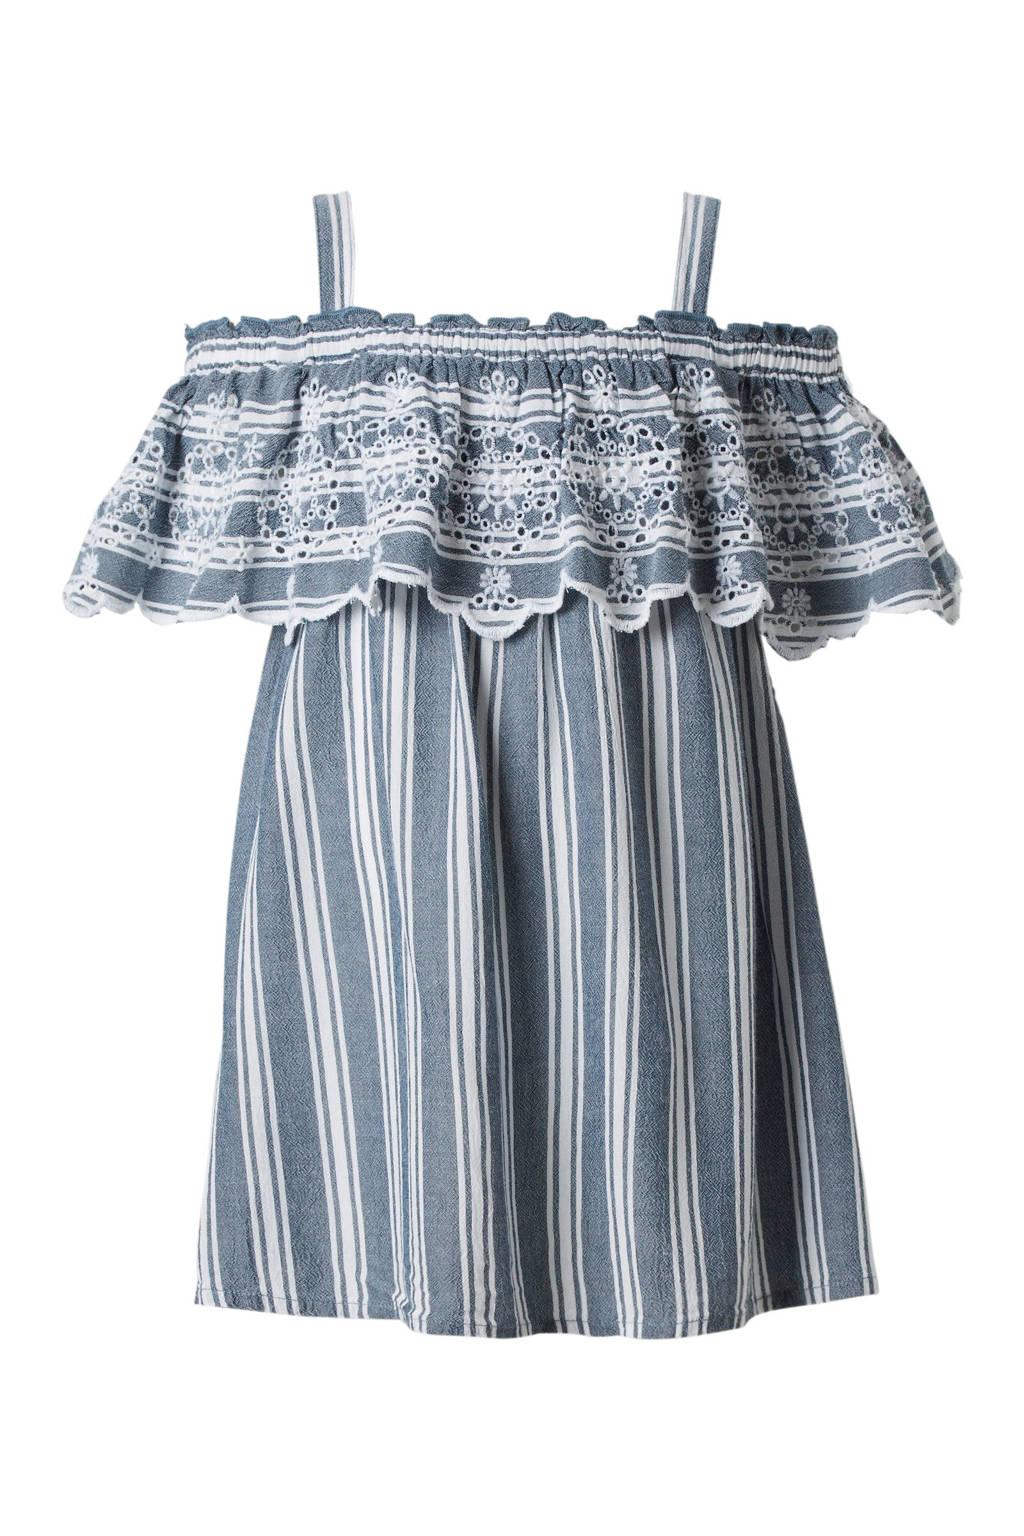 C&A Here & There gestreepte open shoulder jurk met broderie blauw, Blauw/wit